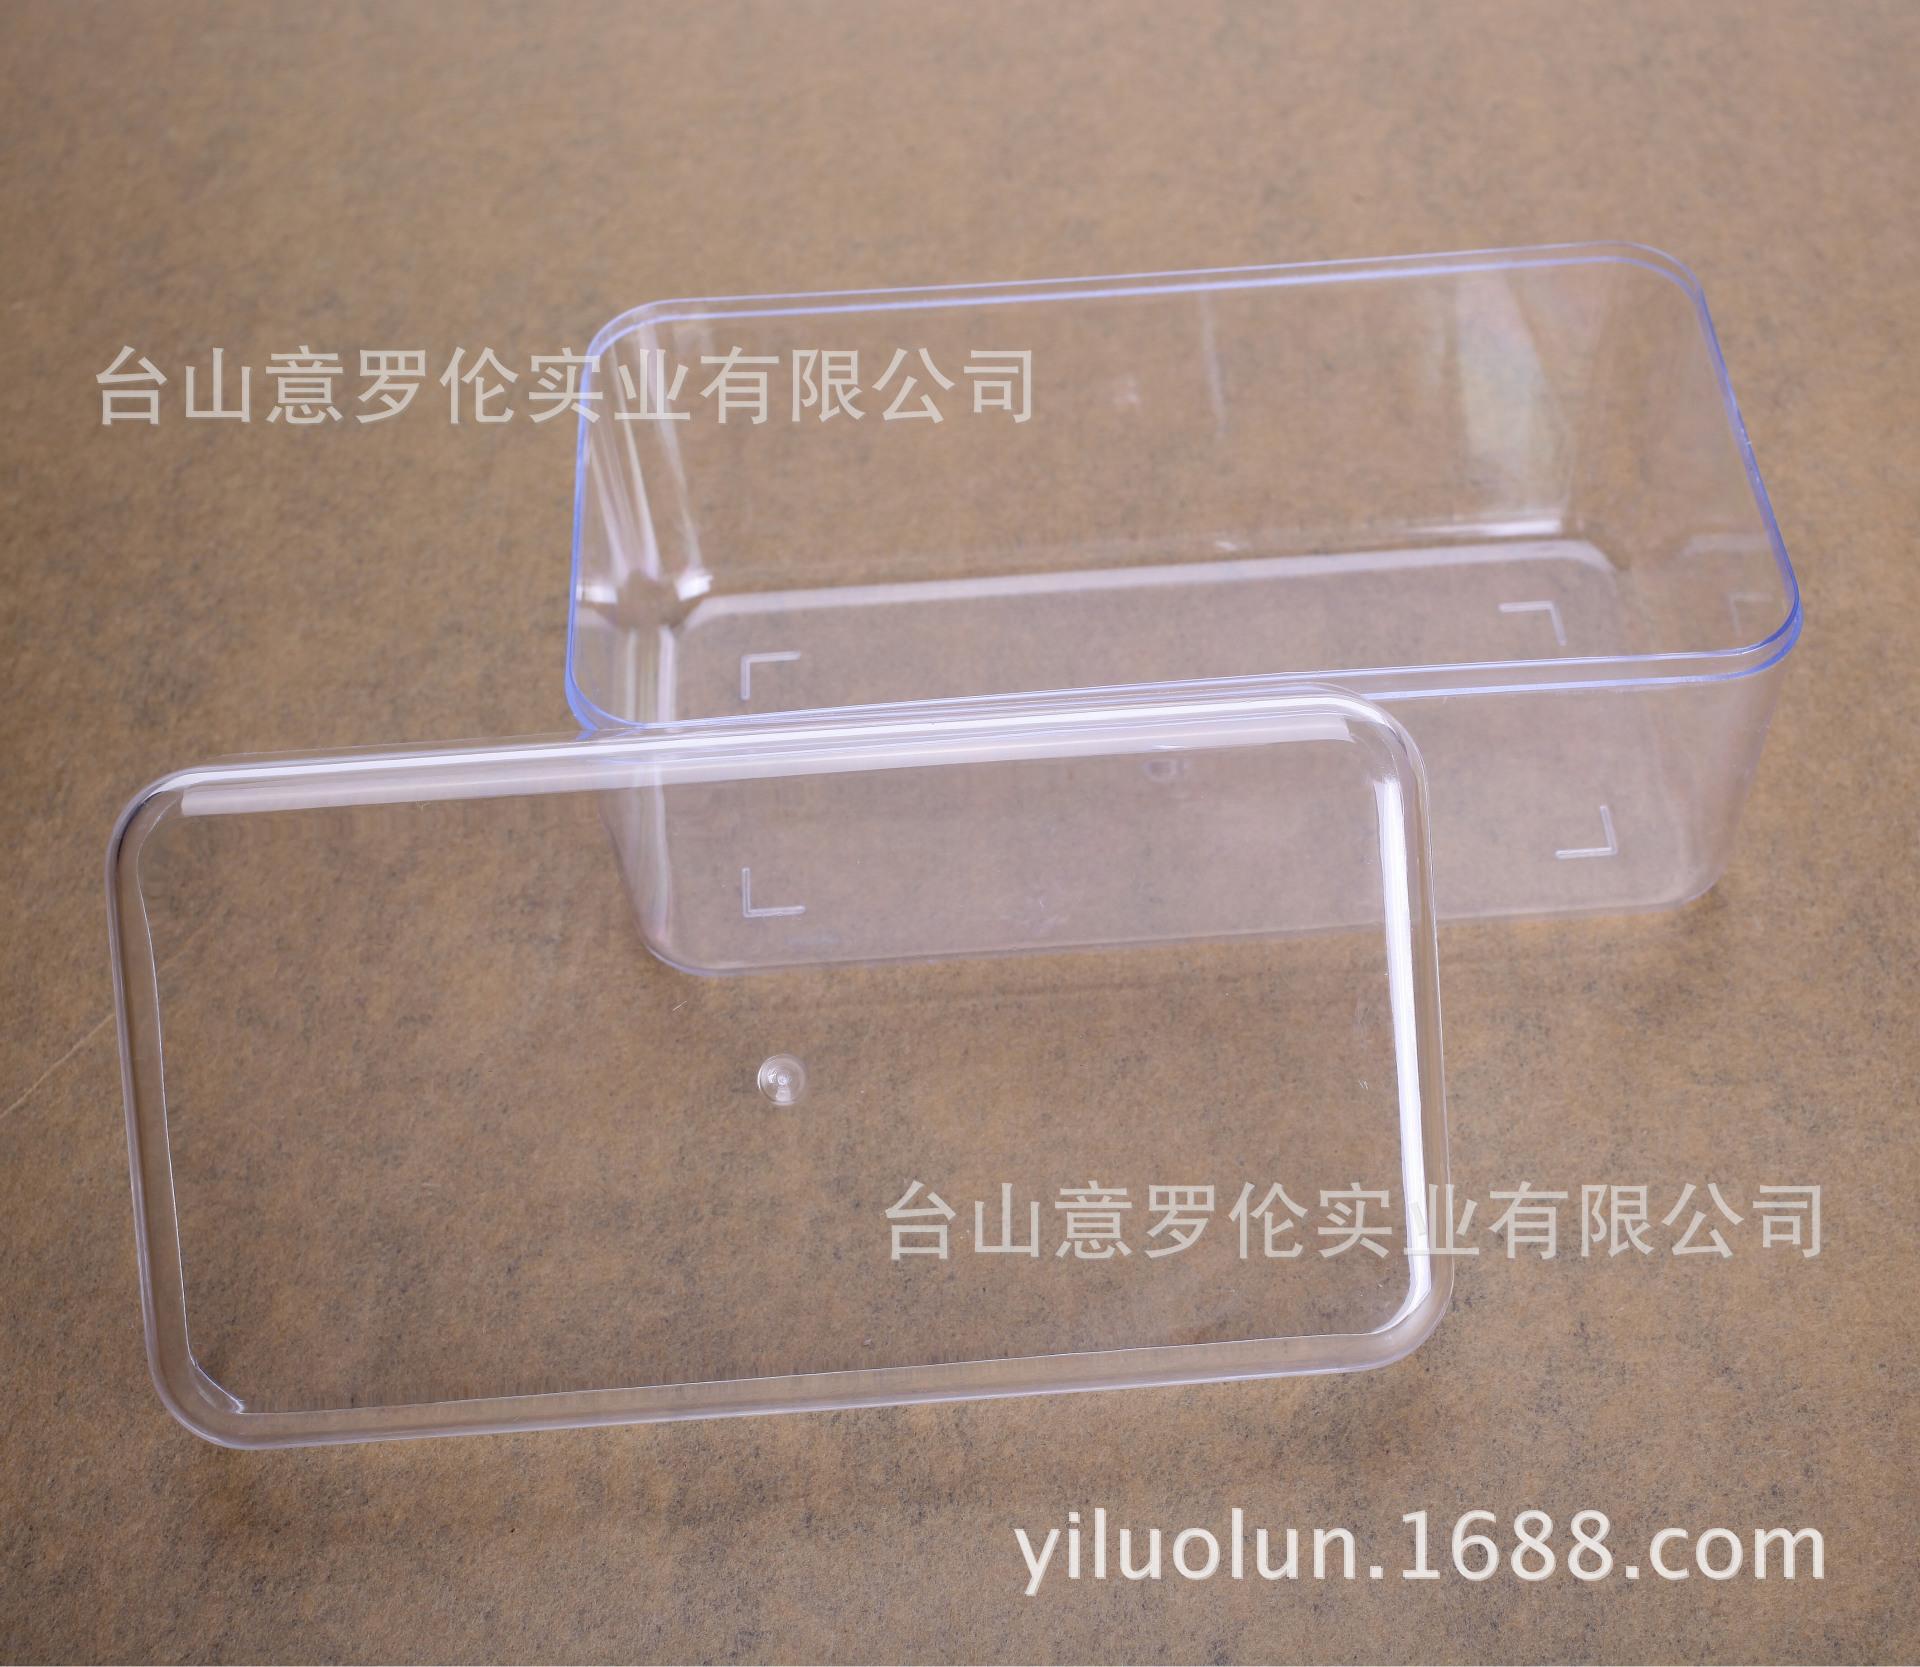 长方形圆角巧克力金莎透明塑料礼盒 食品通用包装 高档塑料包装